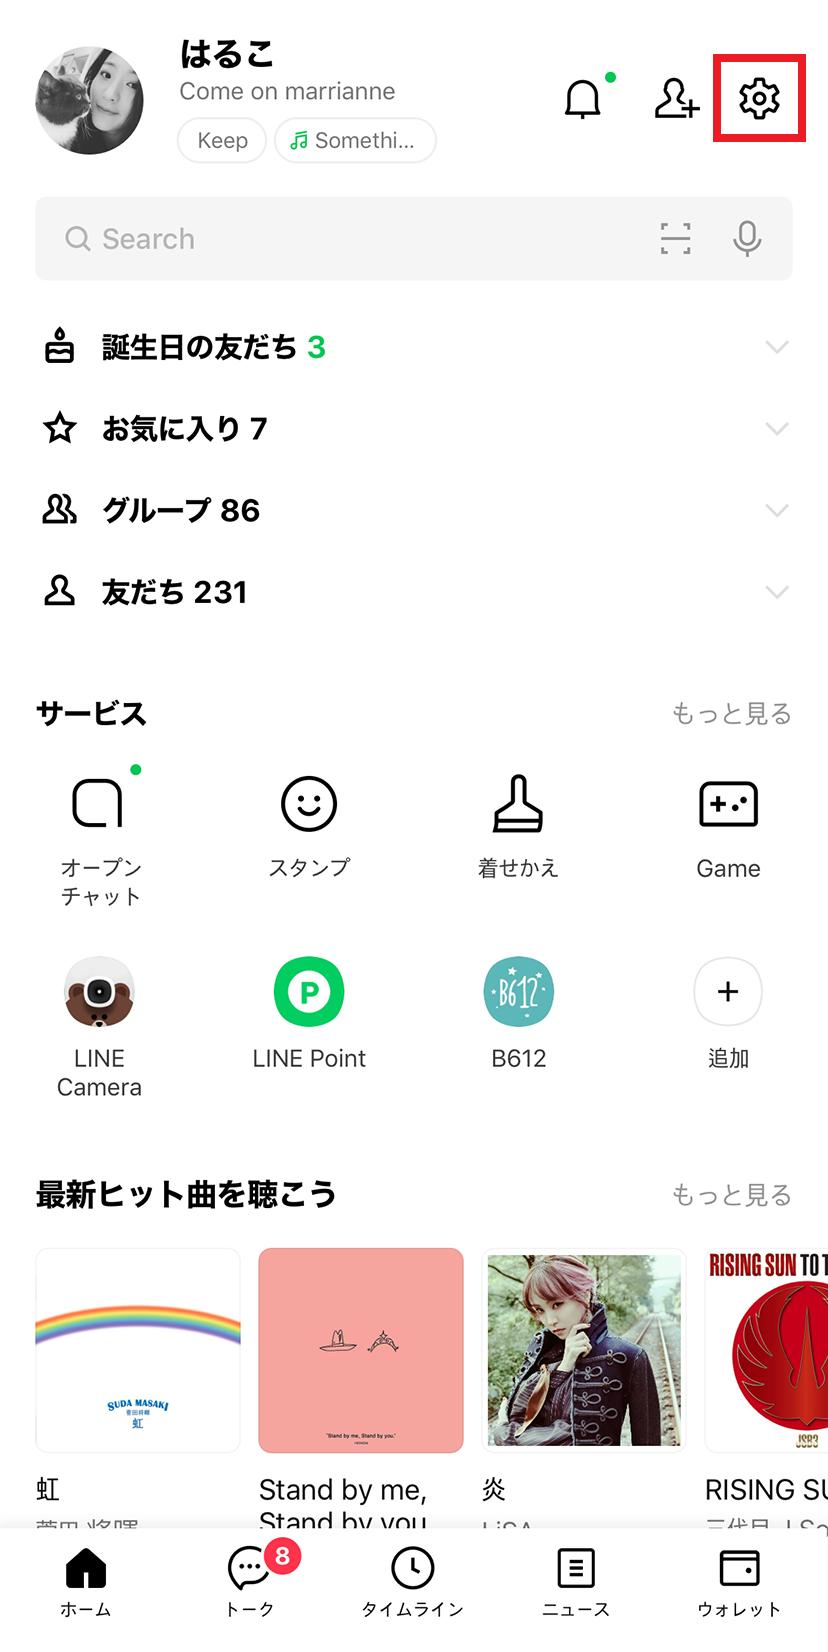 sticker-changeorder_01.png